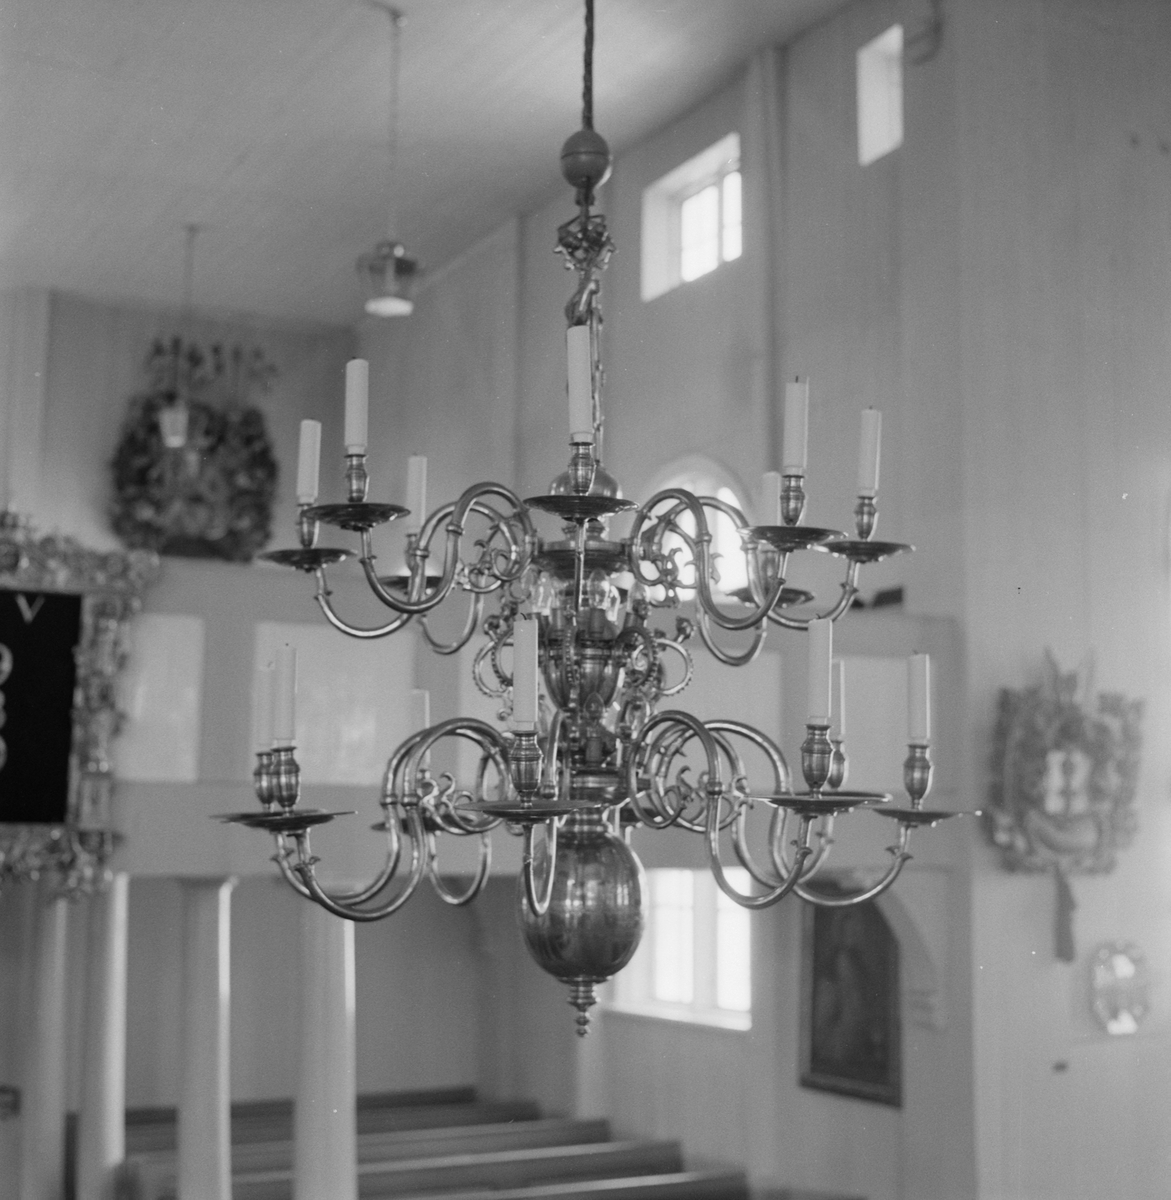 Övrigt: Fotodatum:11/8 1958 Byggnader och Kranar. Närmast identisk bild: V16092, ej skannad. Amiralitetskyrkan (bibel. lampkrona o tavlor)